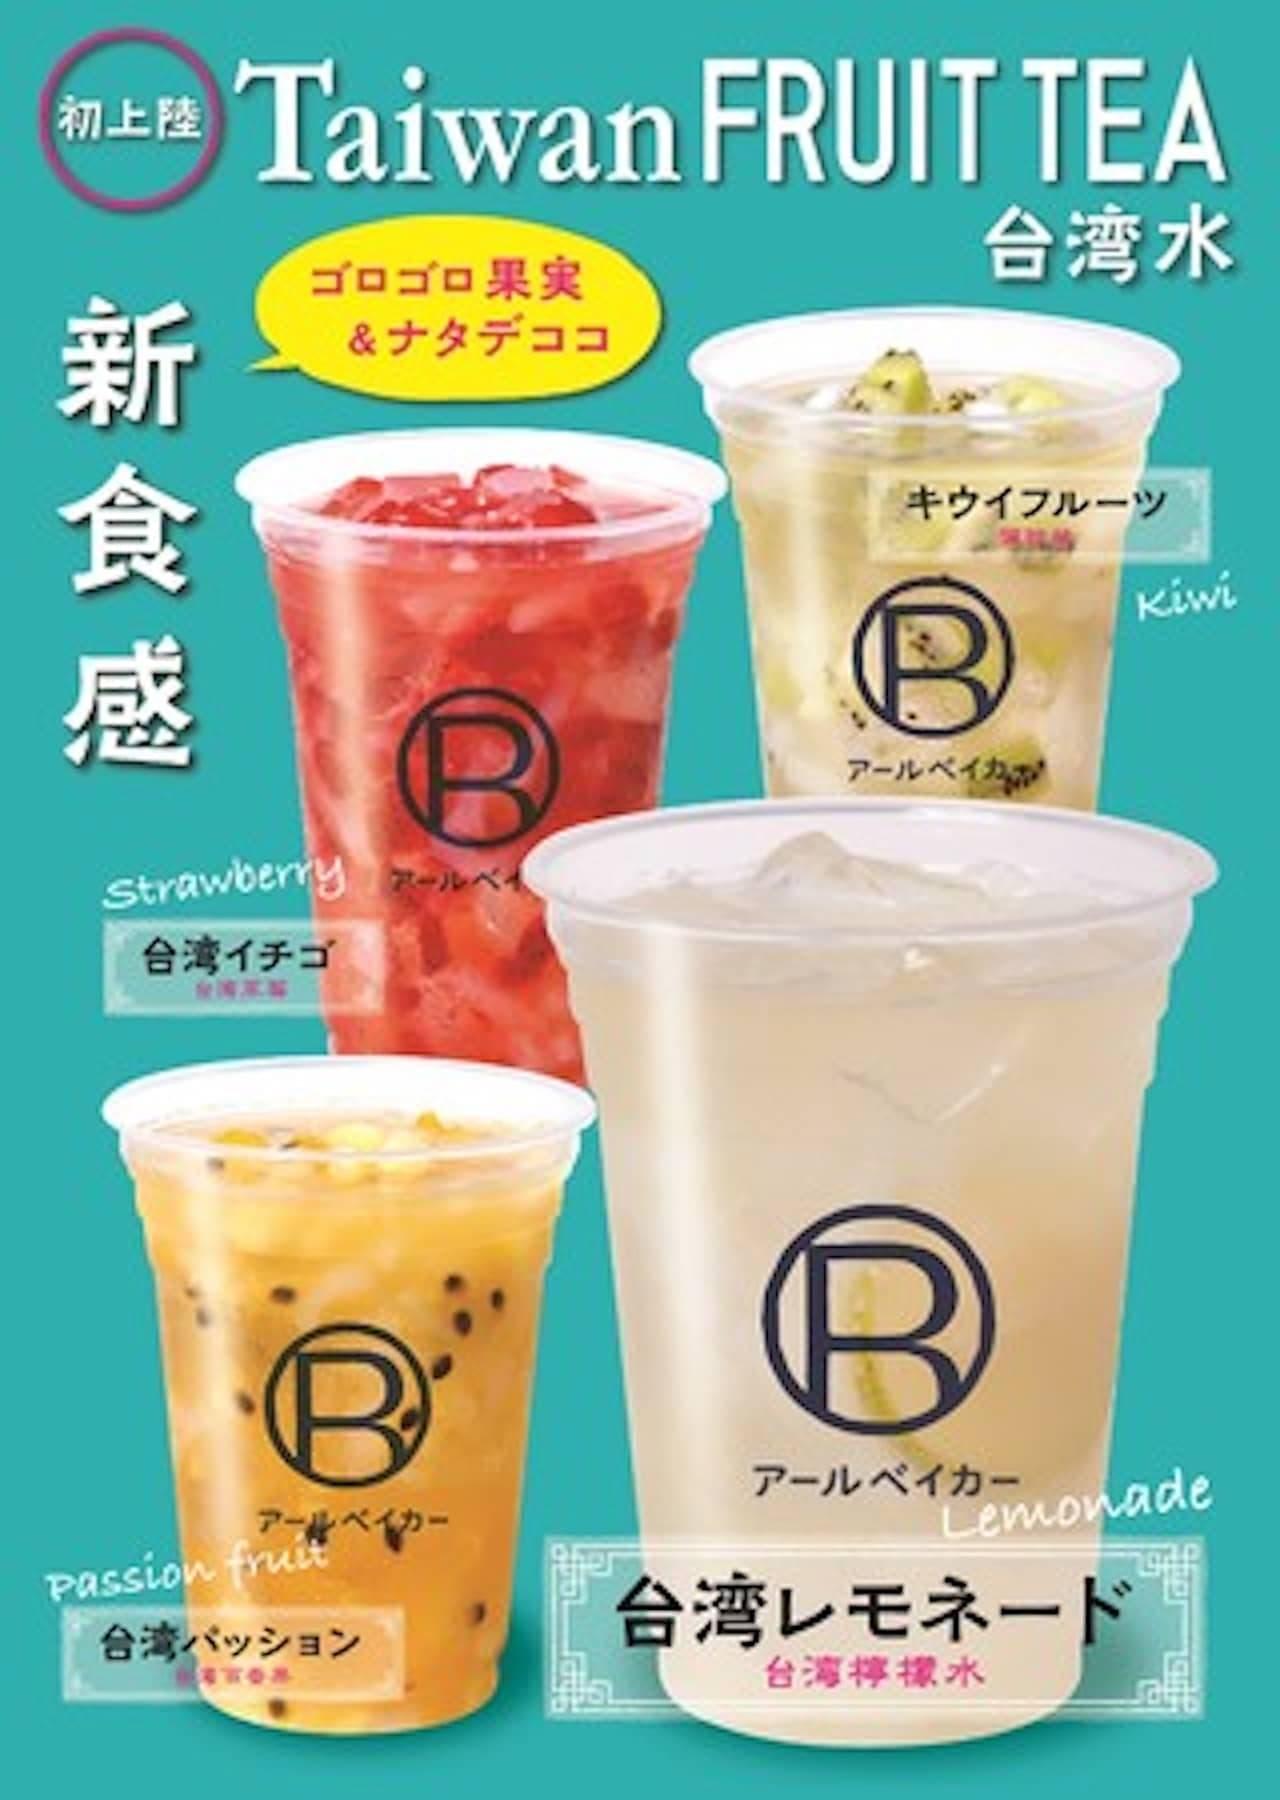 「台湾フルーツティー」4種R Baker(アールベイカー)から